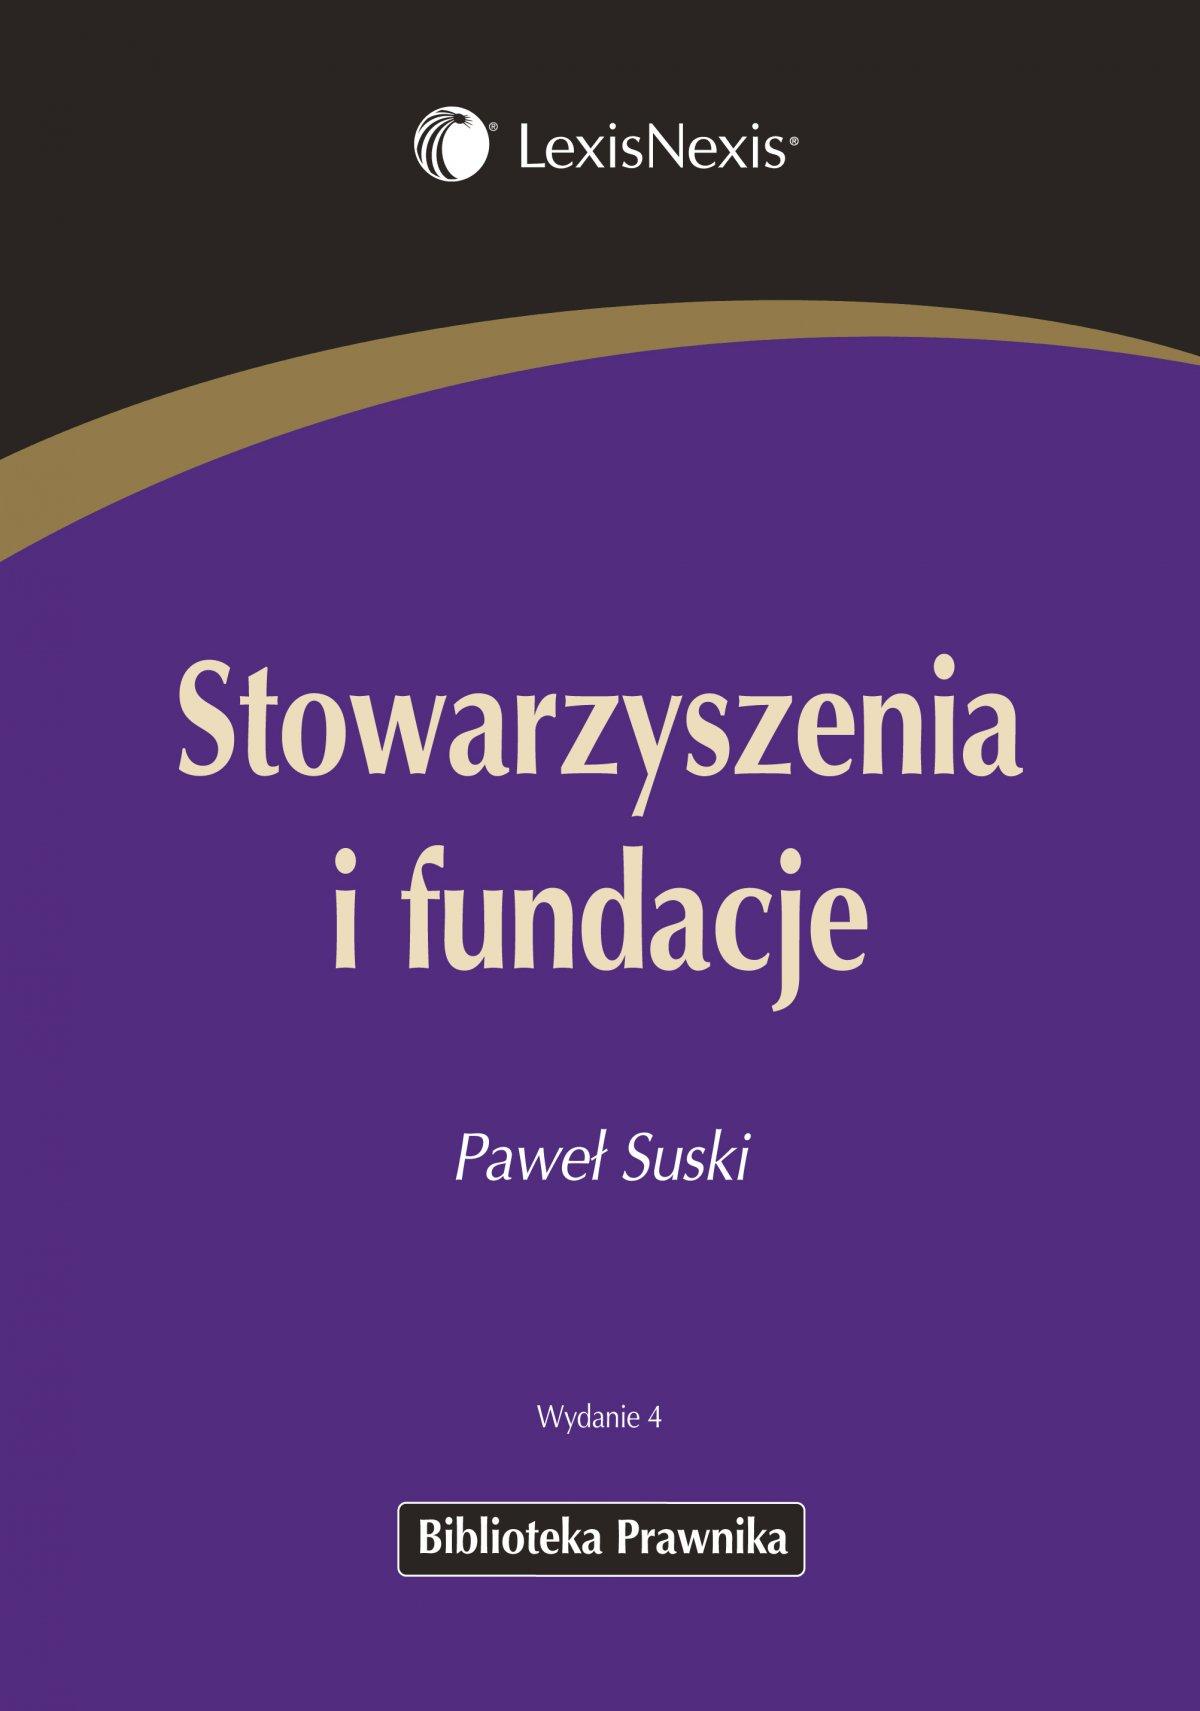 Stowarzyszenia i fundacje - Ebook (Książka PDF) do pobrania w formacie PDF